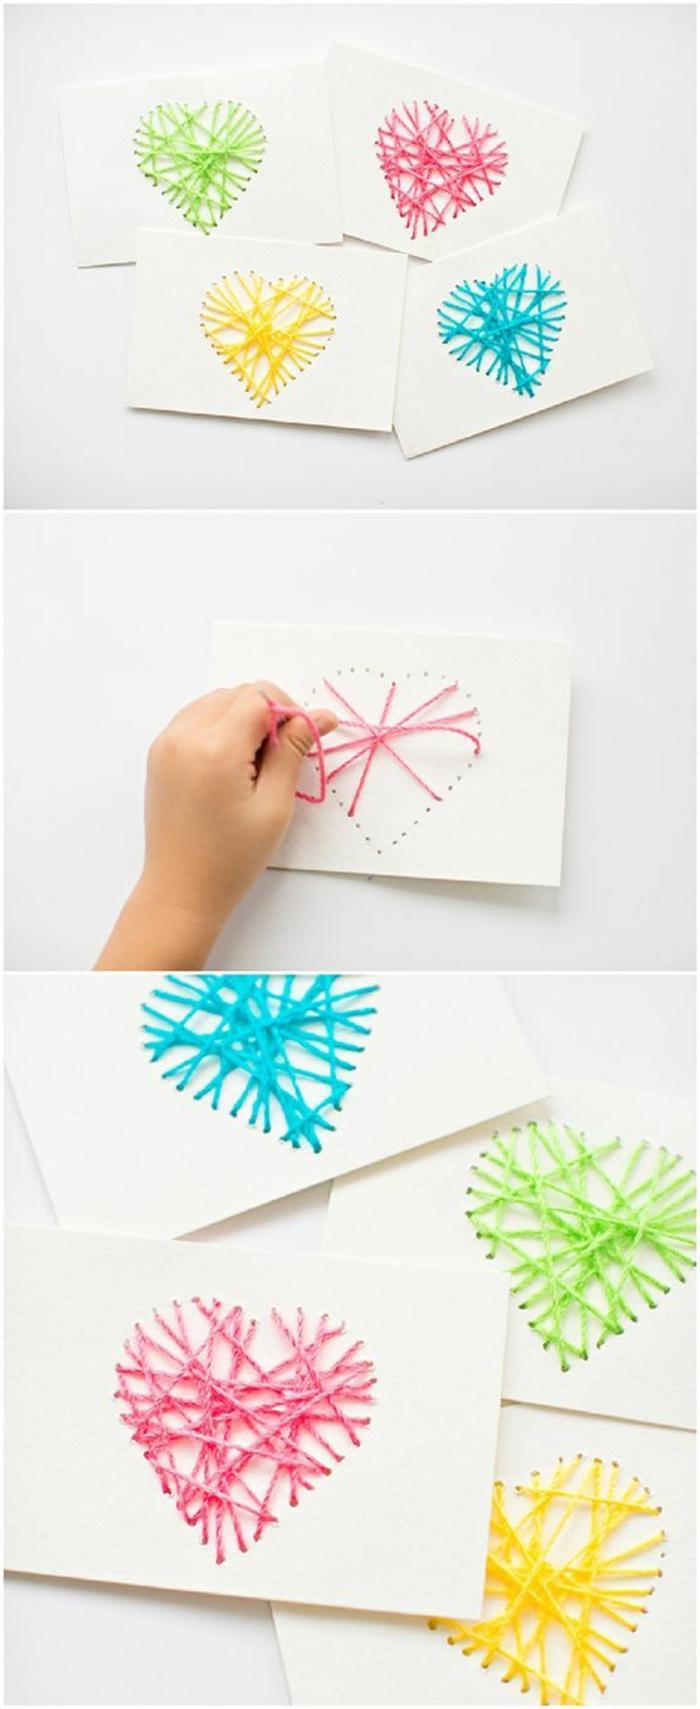 activité manuelle facile et rapide, faire une carte d'amour soi-même, modèle de carte en papier blanc avec coeur brodé